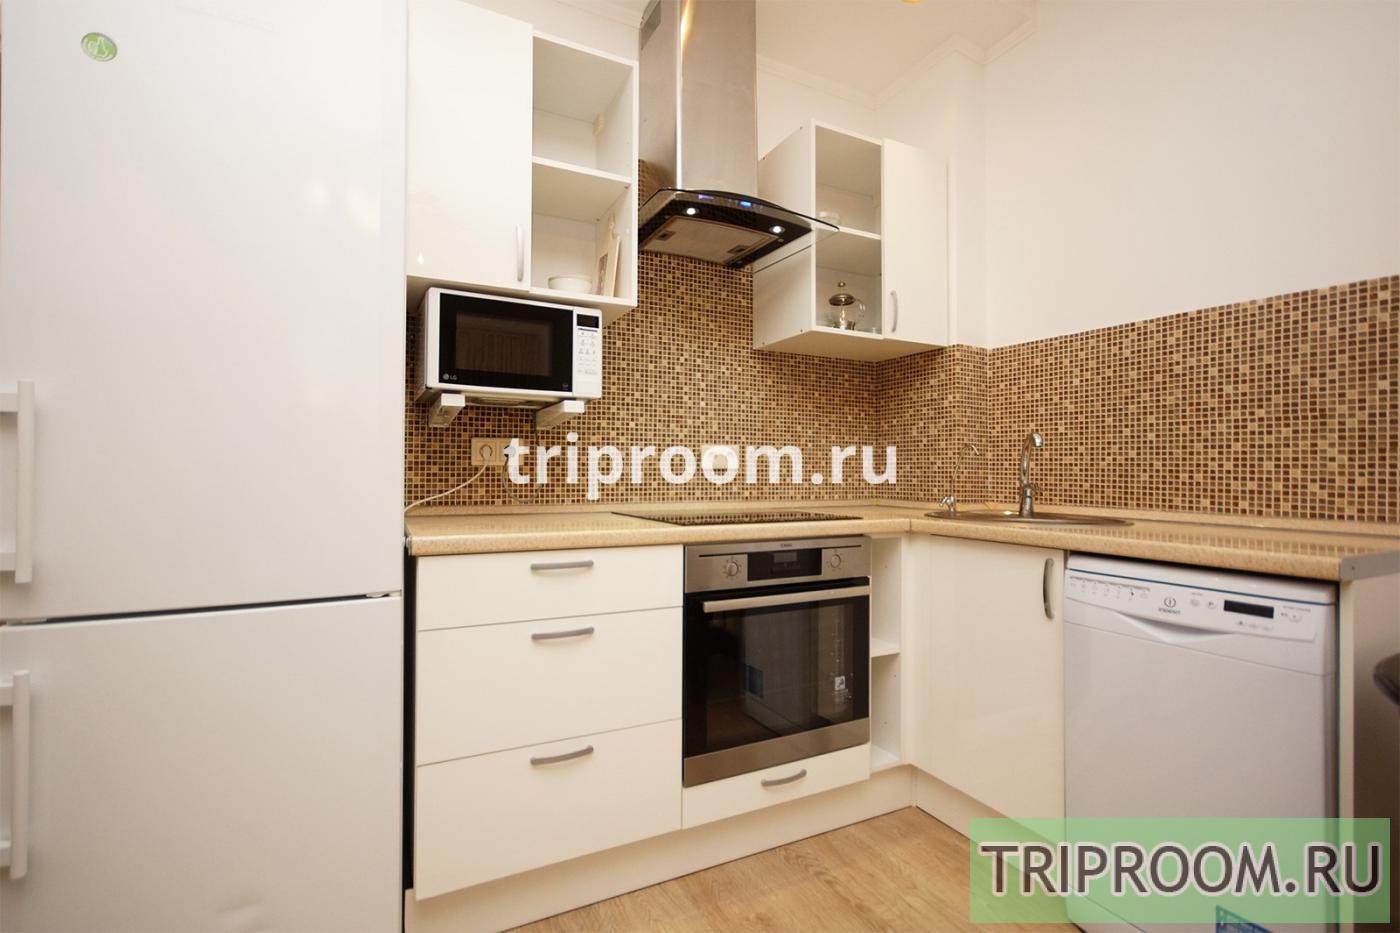 1-комнатная квартира посуточно (вариант № 17278), ул. Полтавский проезд, фото № 6